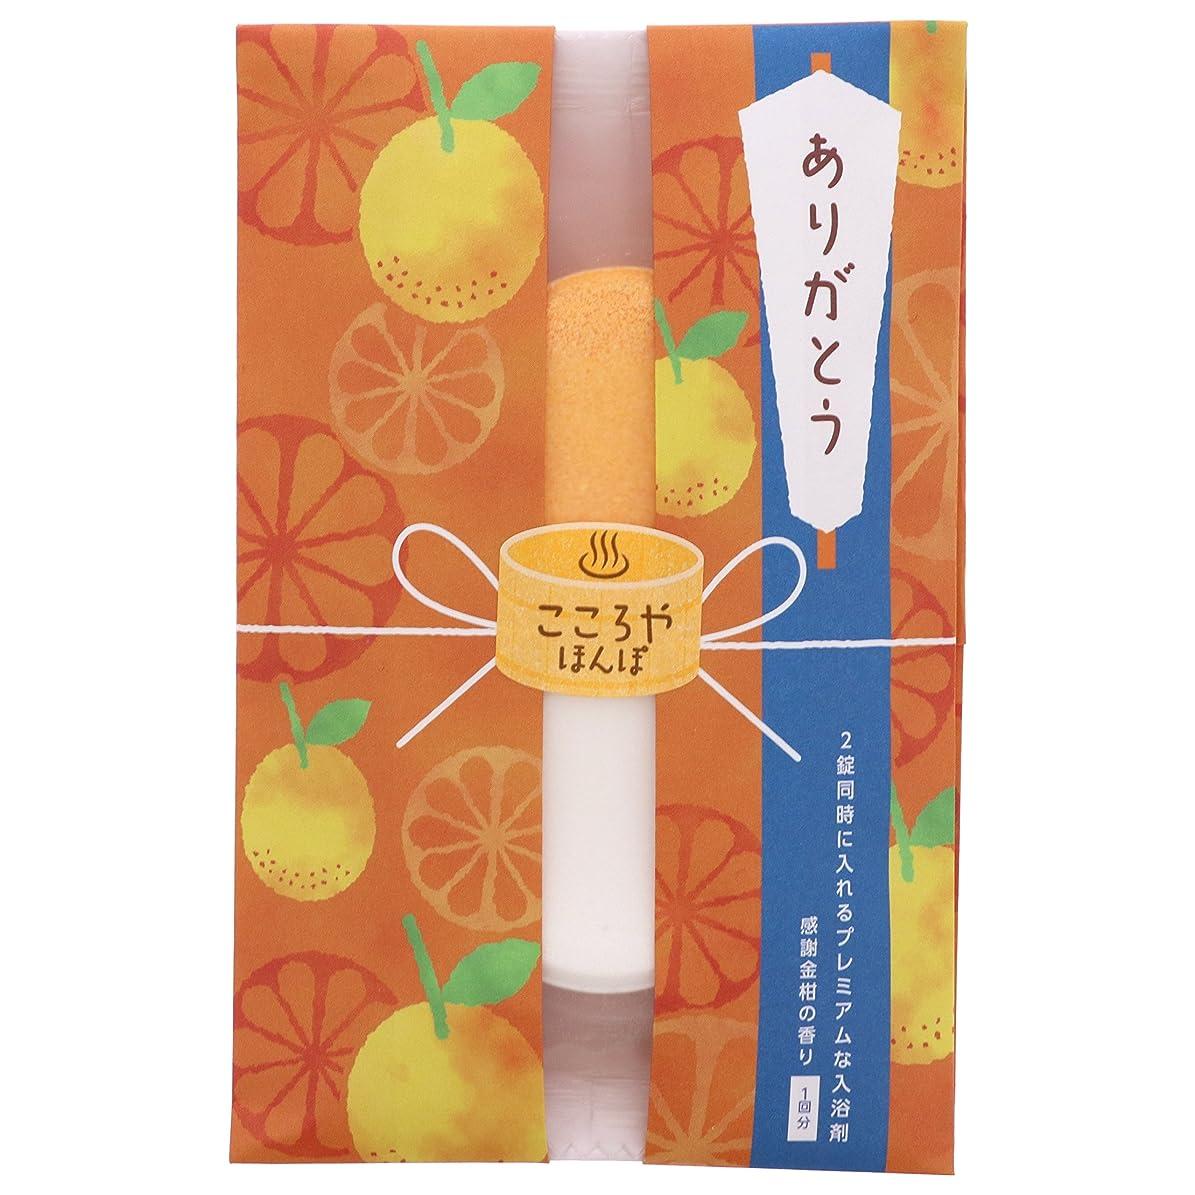 汚れた学習者仕事こころやほんぽ カジュアルギフト 入浴剤 ありがとう 金柑の香り 50g